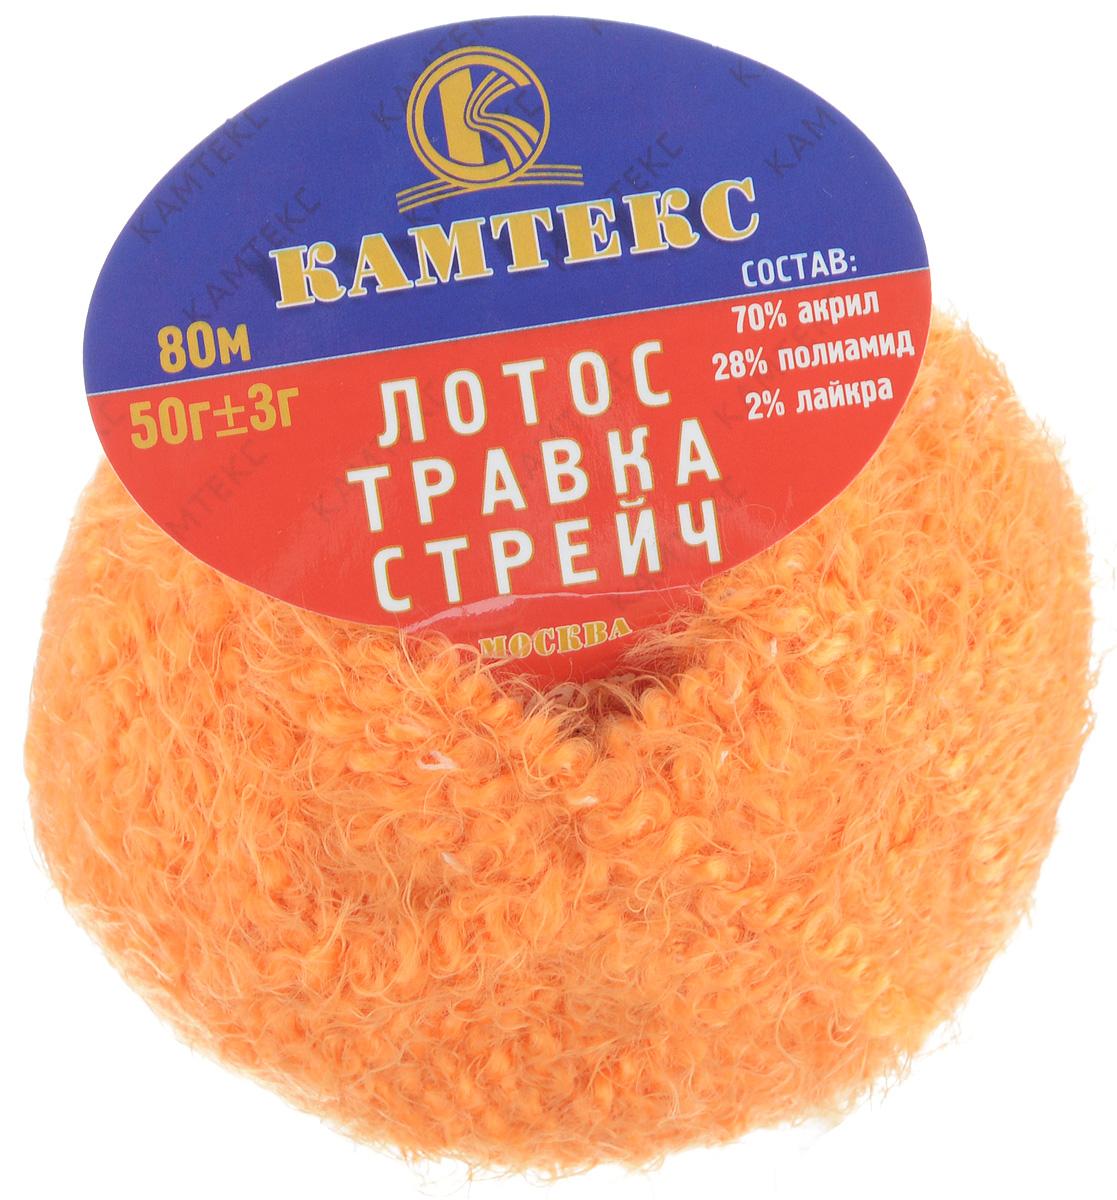 Пряжа для вязания Камтекс Лотос травка стрейч, цвет: оранжевый (035), 80 м, 50 г, 10 шт136081_035Пряжа для вязания Камтекс Лотос травка стрейч имеет интересный и необычный состав: 70% акрил, 28% полиамид, 2% лайкра. Акрил отвечает за мягкость, полиамид за прочность и формоустойчивость, а лайкра делает полотно необыкновенно эластичным. Эта волшебная плюшевая ниточка удивляет своей мягкостью, вяжется очень просто и быстро, ворсинки не путаются. Из этой пряжи получатся замечательные мягкие игрушки, которые будут не только приятны, но и абсолютно безопасны для маленьких детей. А яркие и сочные оттенки подарят ребенку радость и хорошее настроение. Рекомендуемый размер крючка и спиц: №3-6. Состав: 70% акрил, 28% полиамид, 2% лайкра.